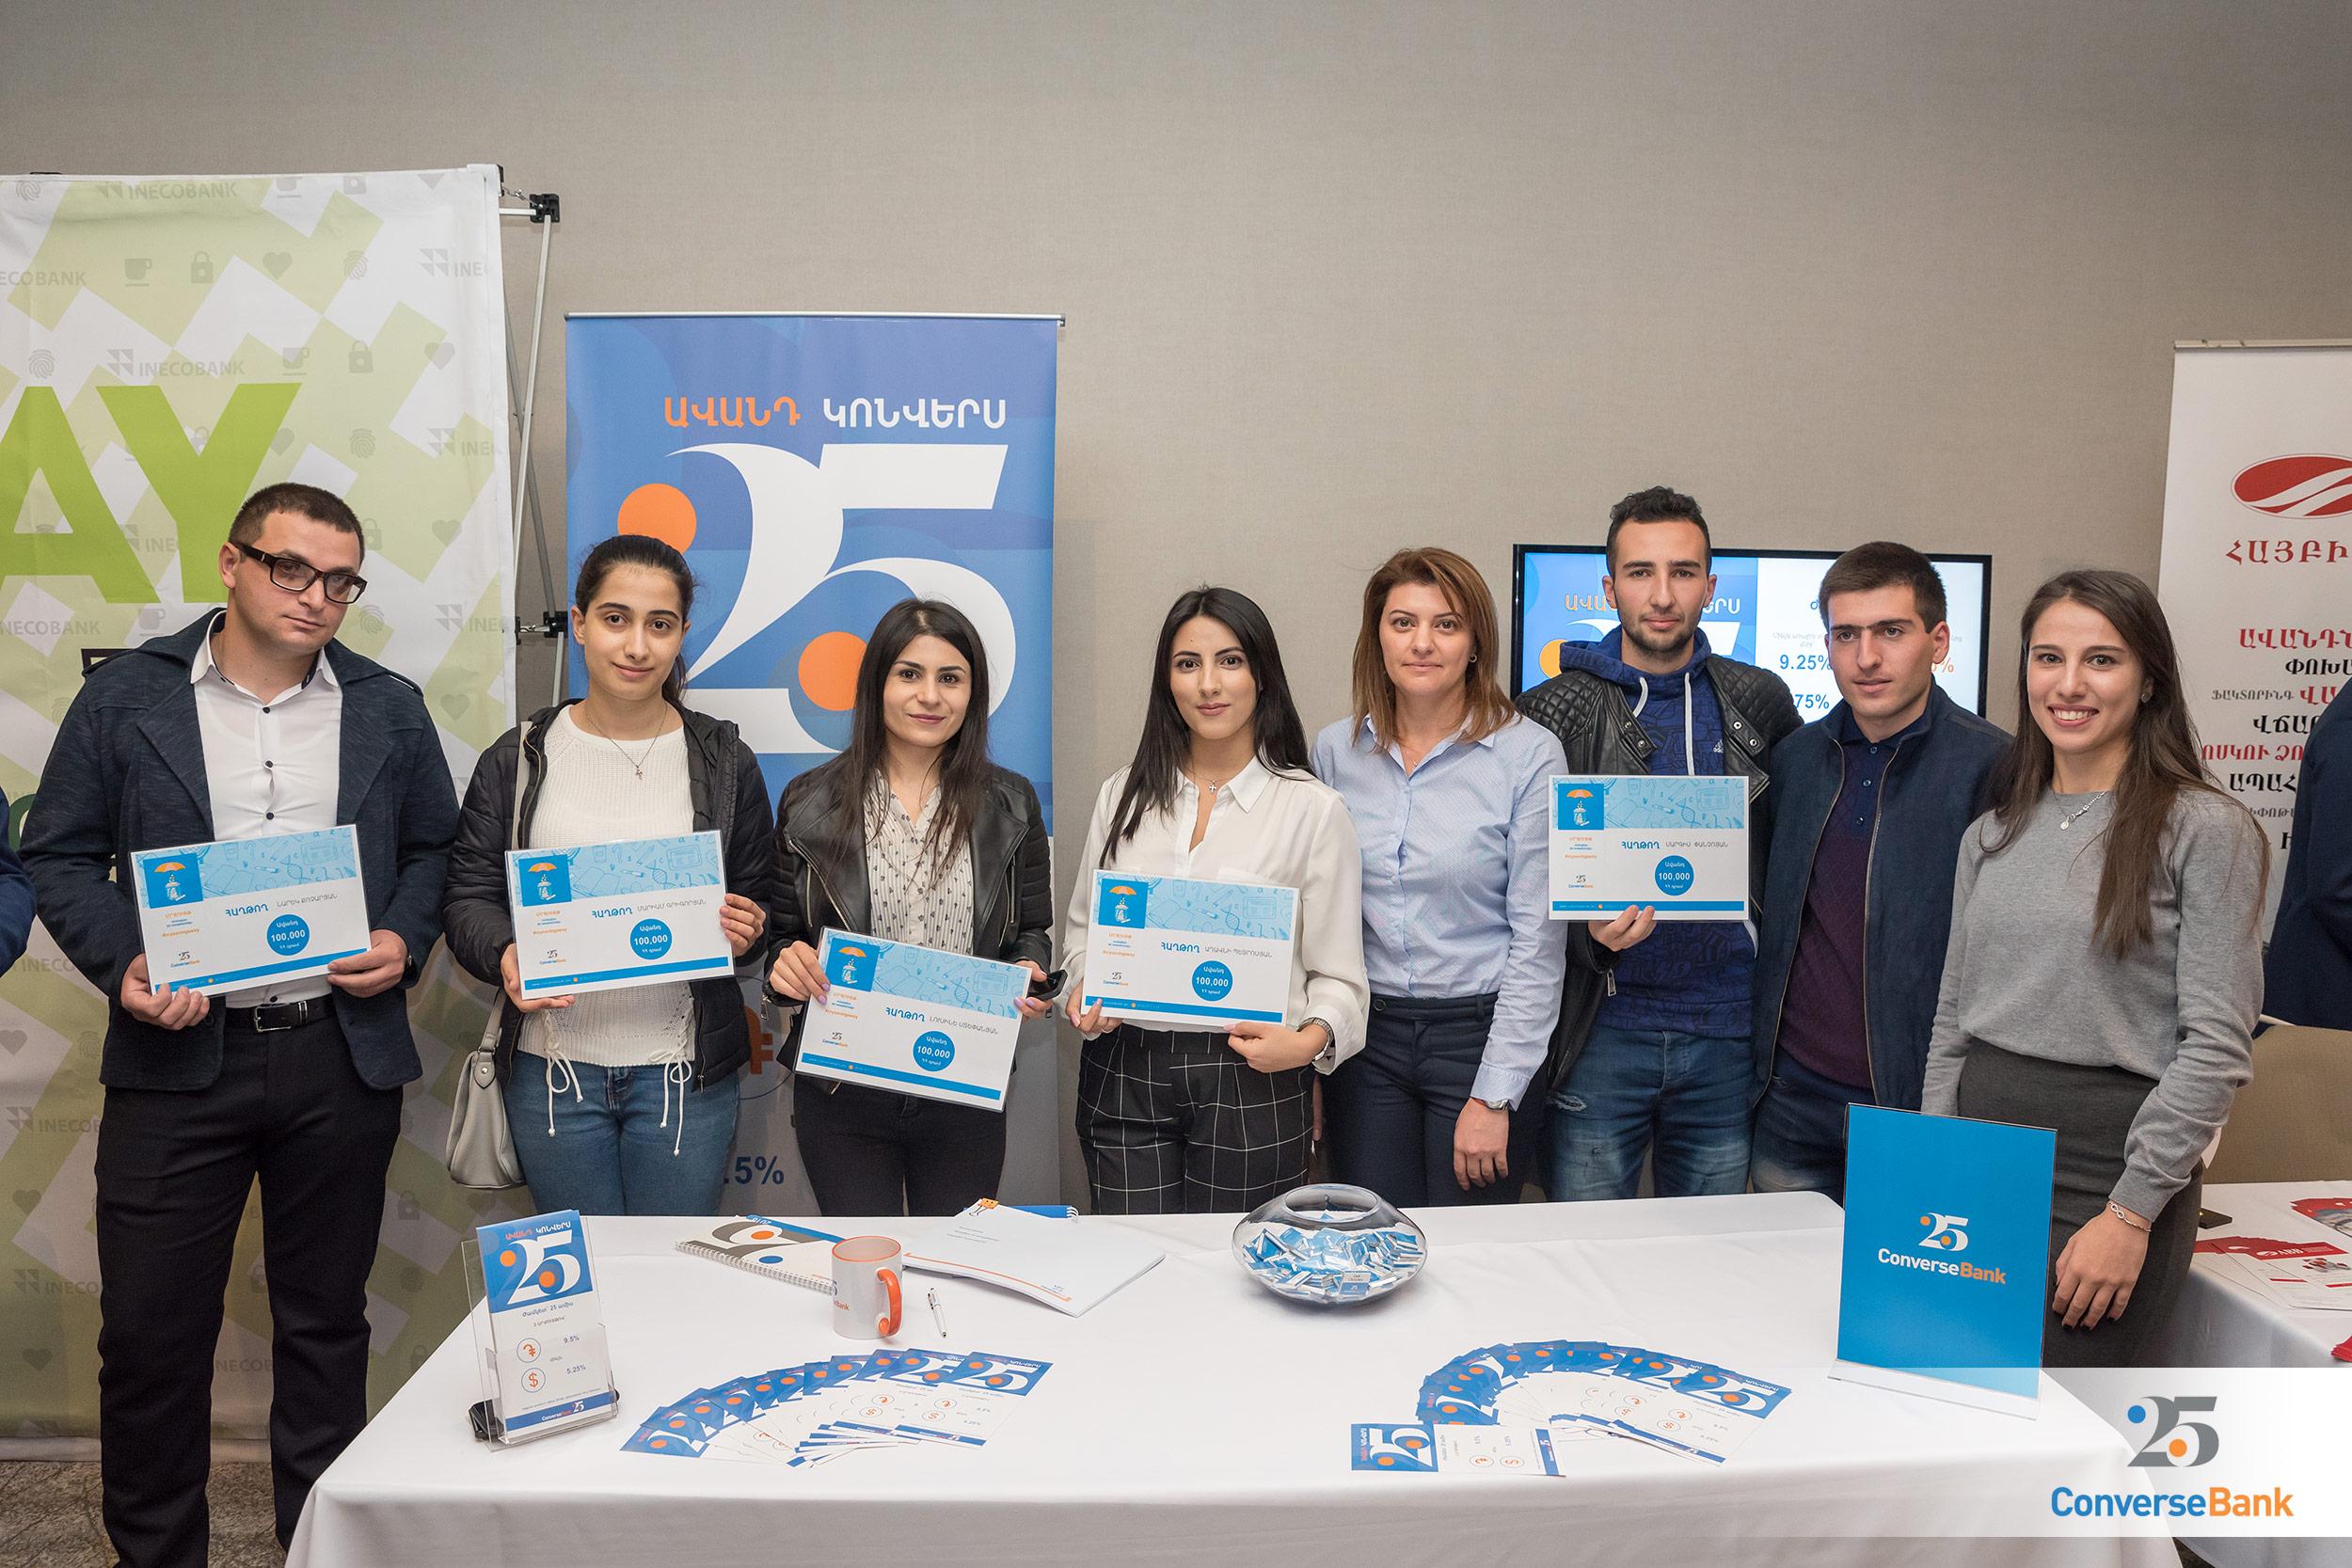 Կոնվերս բանկն ամփոփեց Խնայողությունների միջազգային օրվան նվիրված մրցույթի արդյունքները